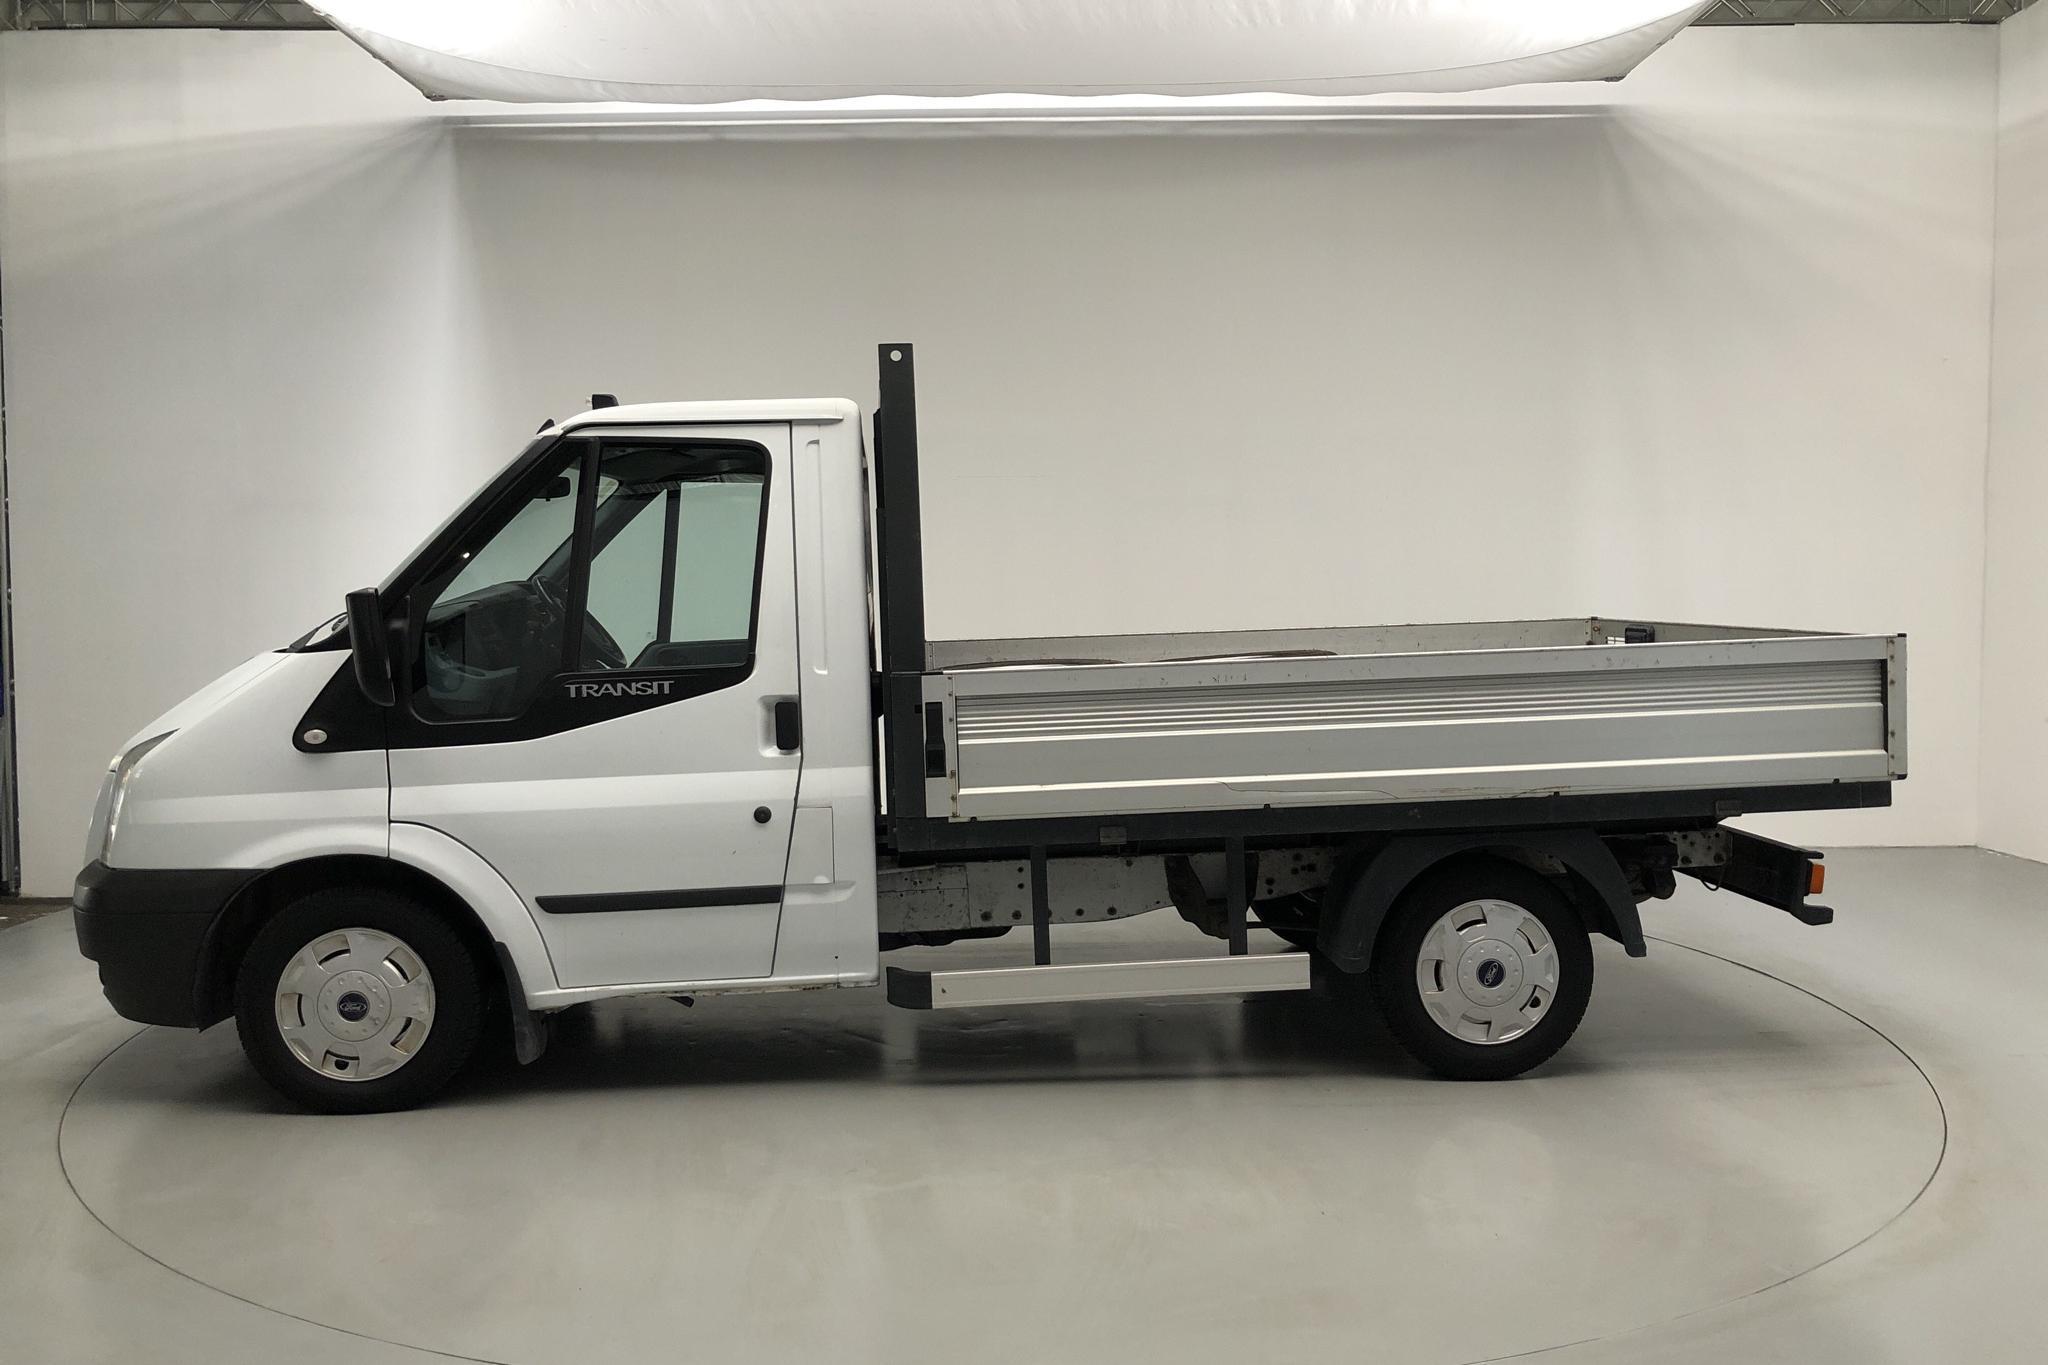 Ford Transit 300 2.2 TDCi Pickup (100hk) - 155 240 km - Manual - white - 2013